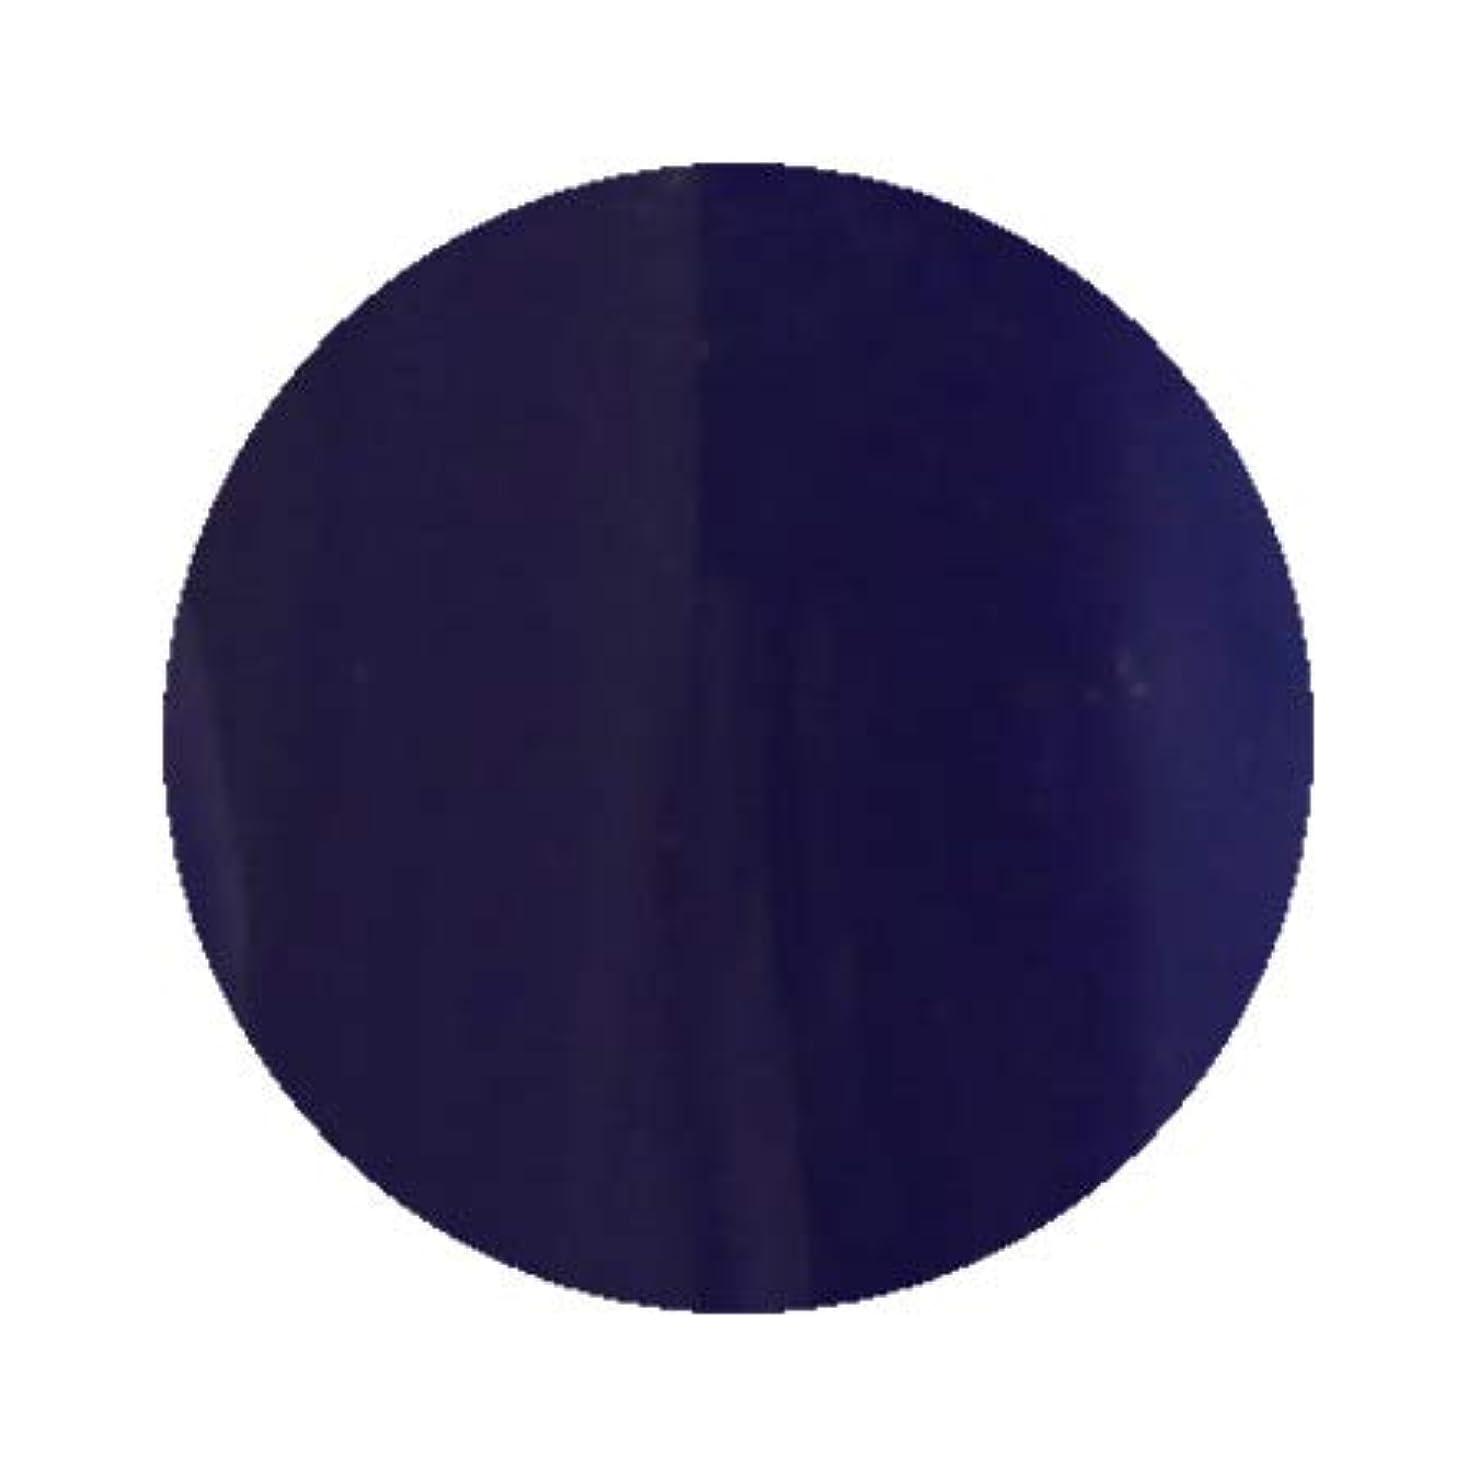 所有権東ティモール硫黄Inity アイニティ ハイエンドカラー BL-02M カリブ 3g